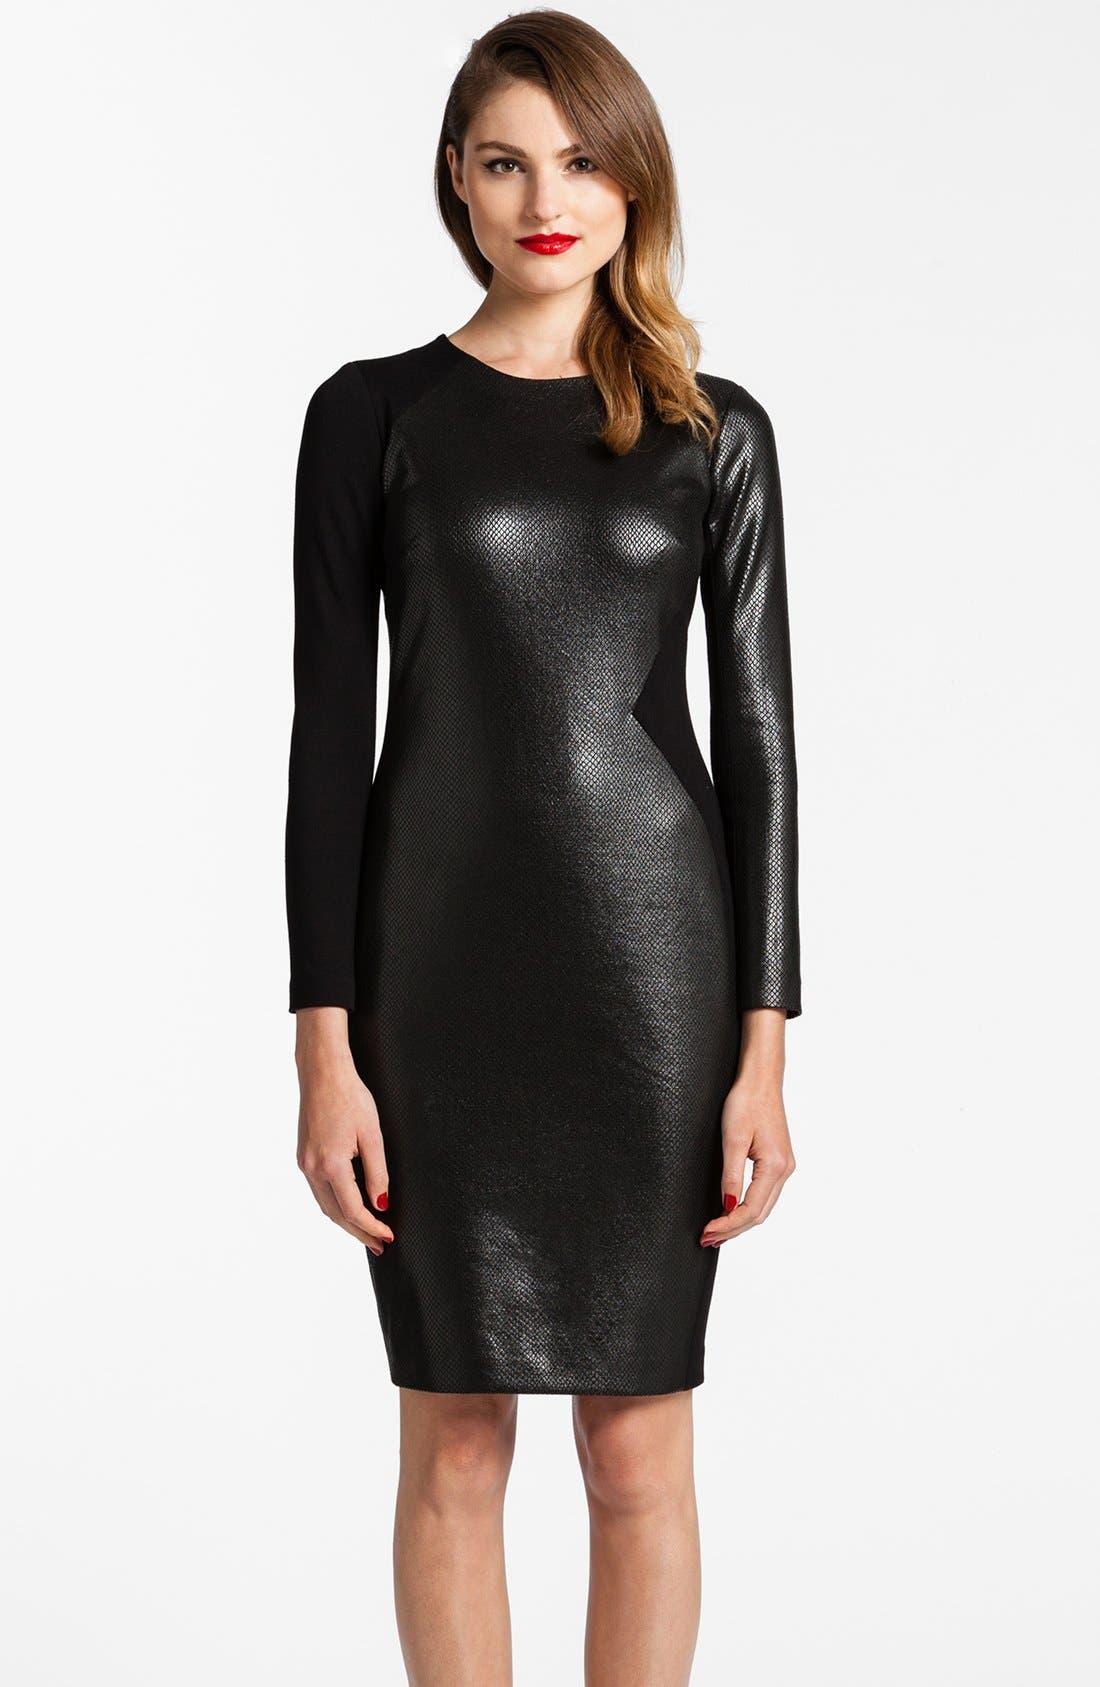 Main Image - Cynthia Steffe 'Leni' Faux Leather Body-Con Dress